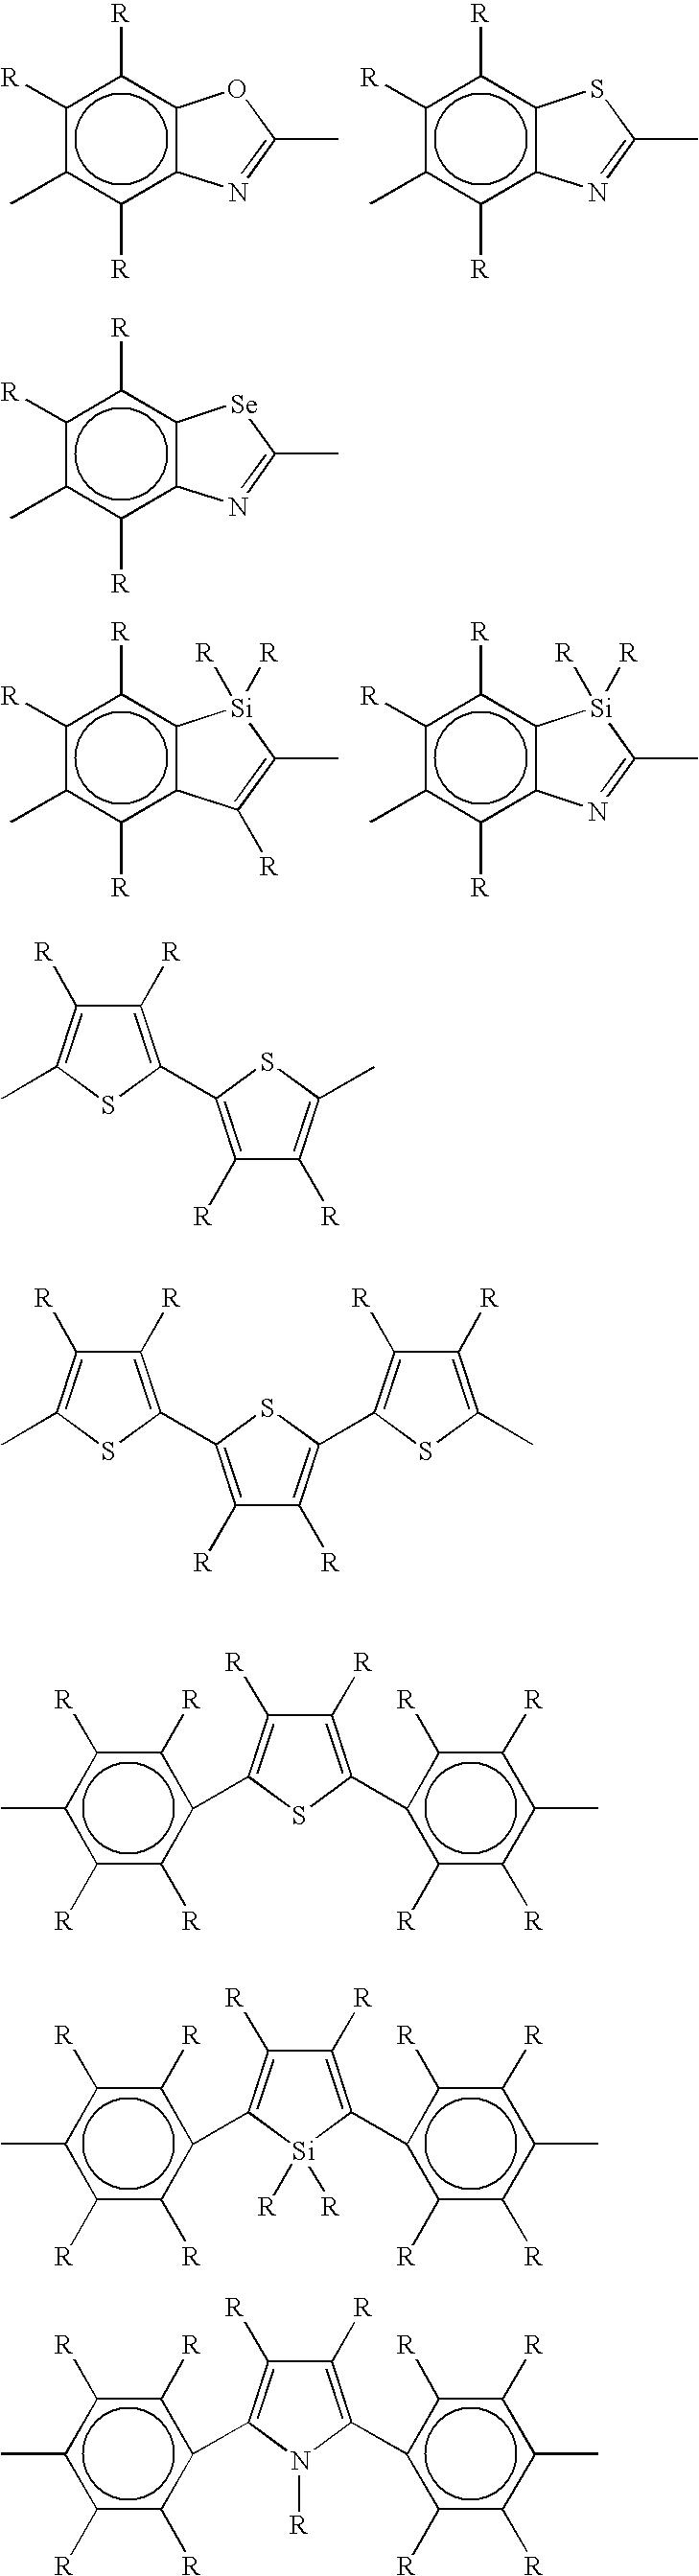 Figure US20070248842A1-20071025-C00013